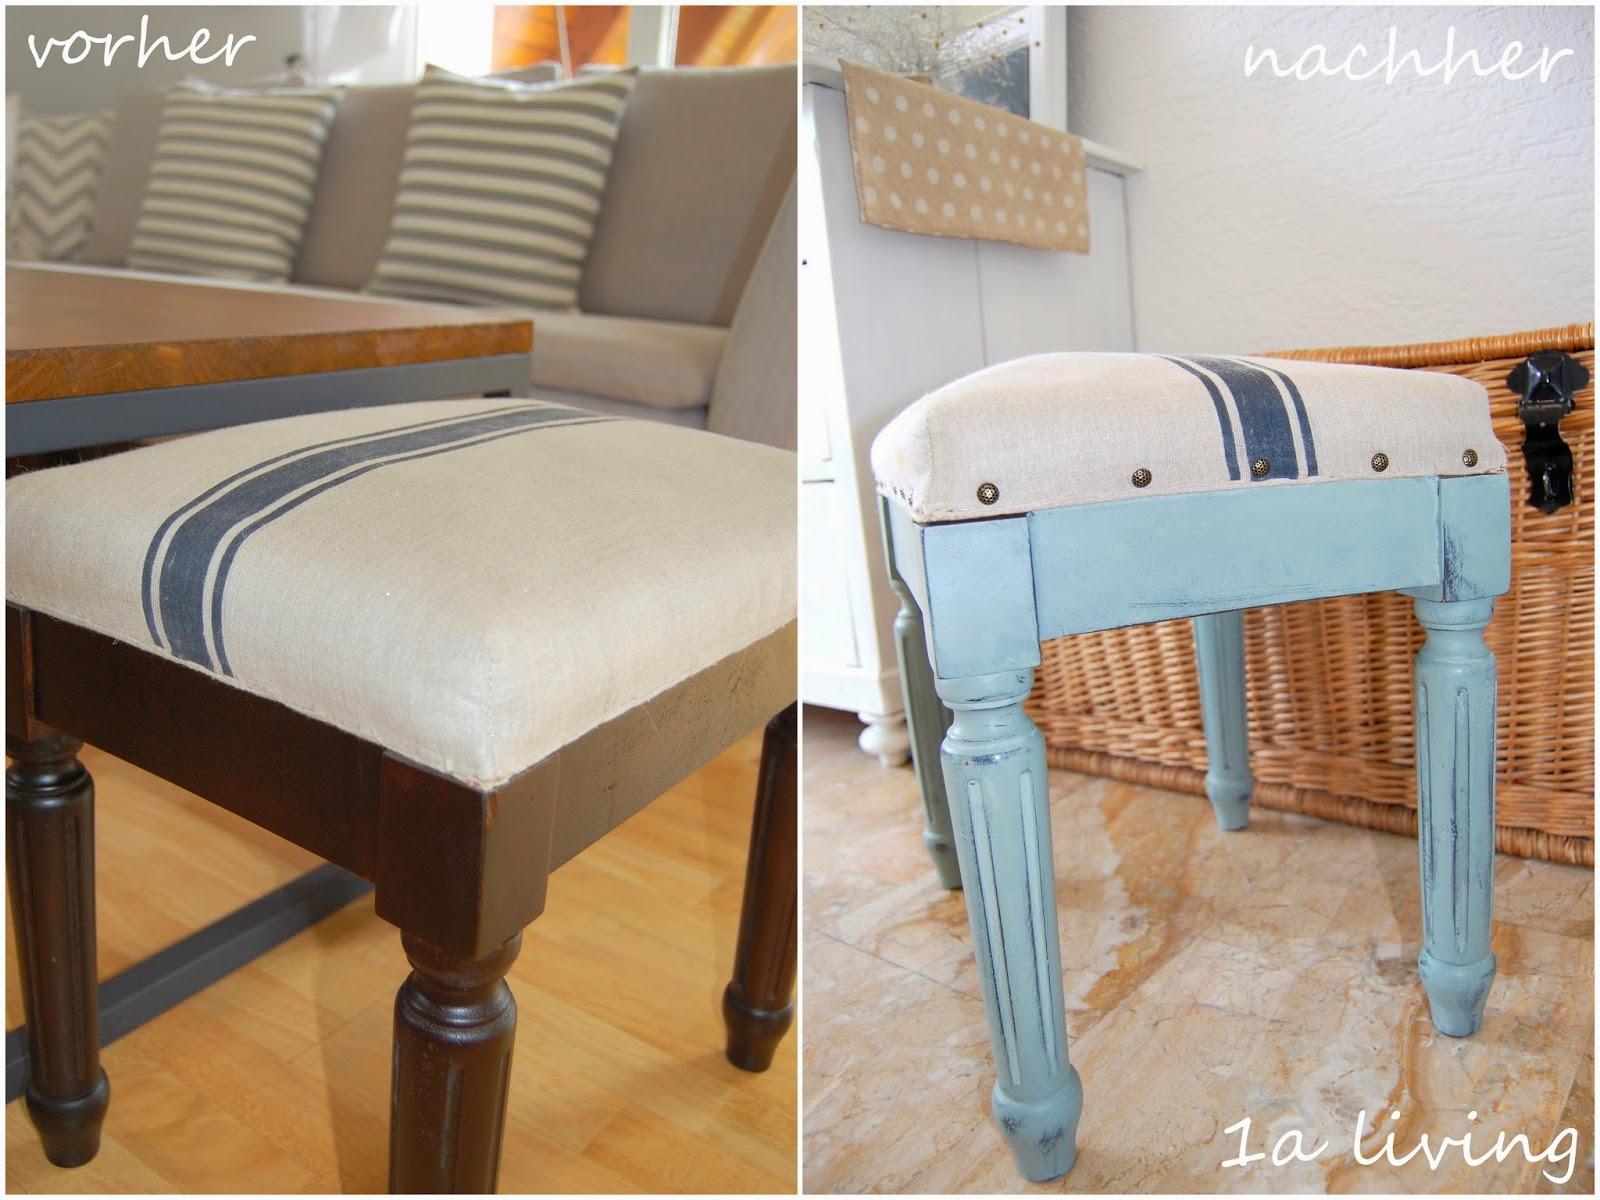 1a living chalk paint hocker makeover. Black Bedroom Furniture Sets. Home Design Ideas